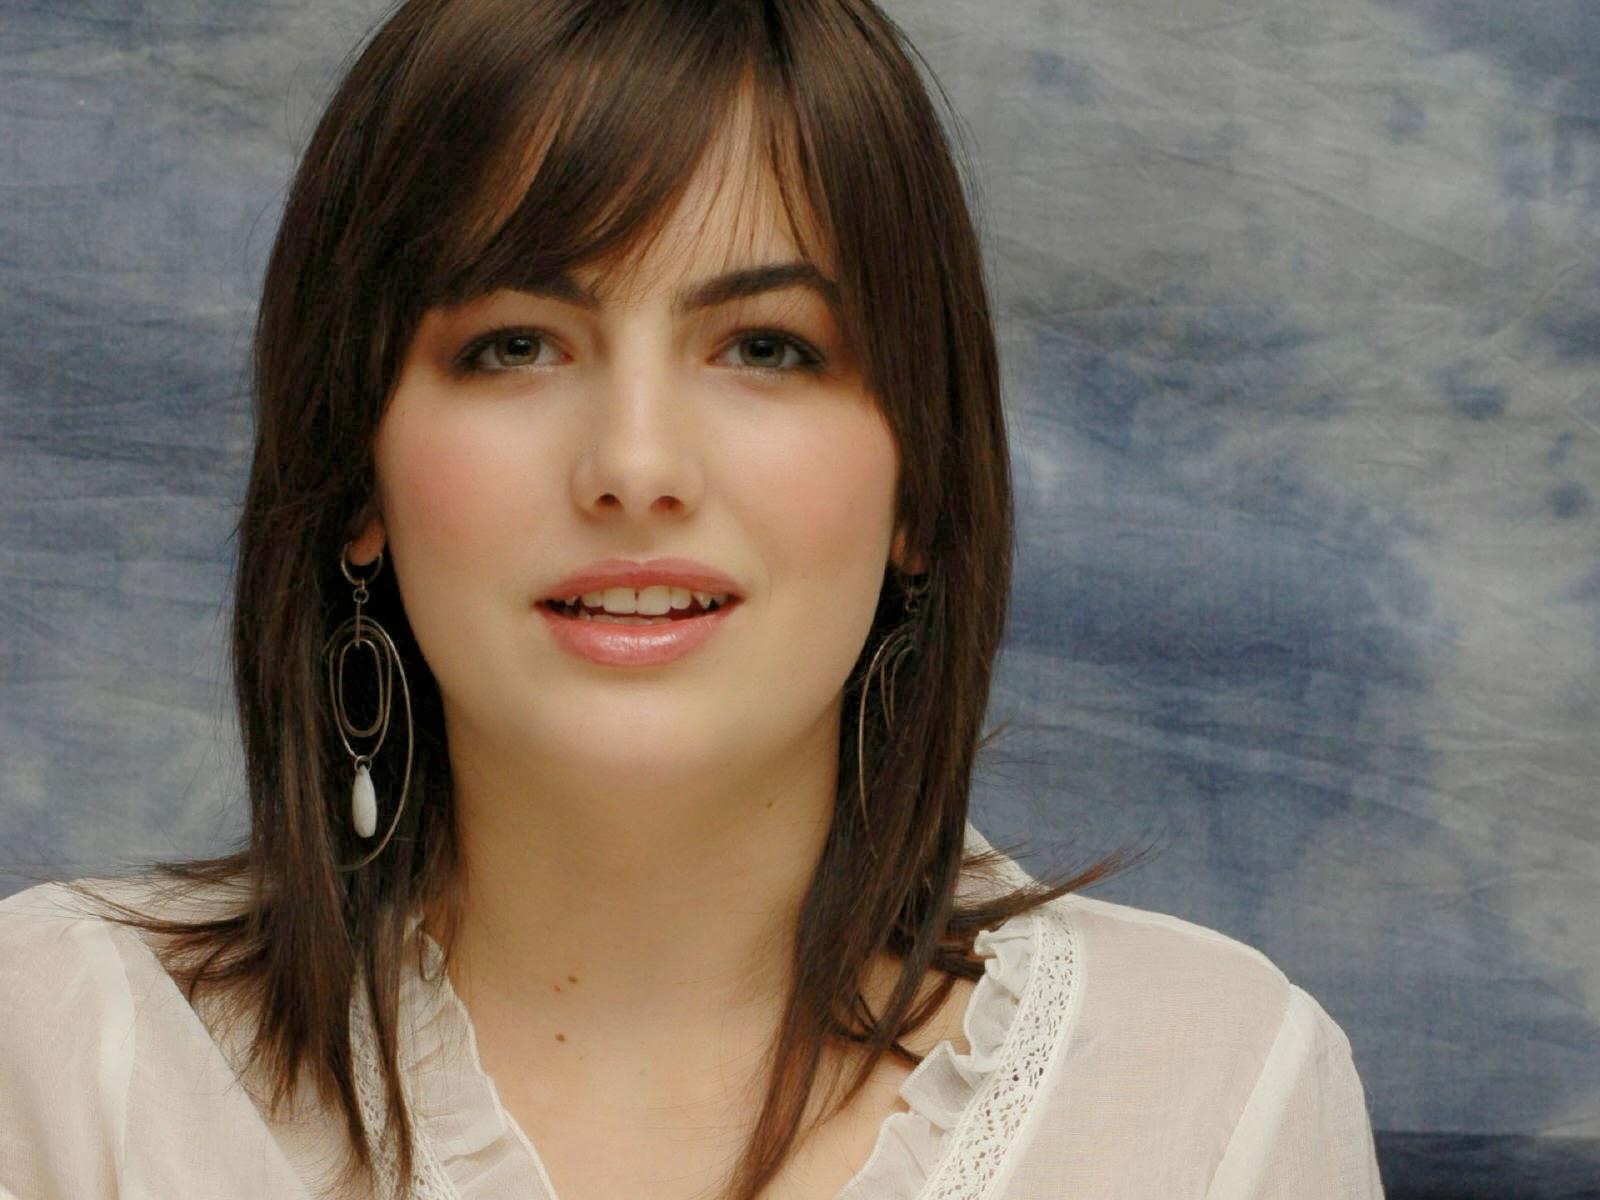 صور اجمل فتاة في العالم , تعرف علي اجمل بنات في العالم